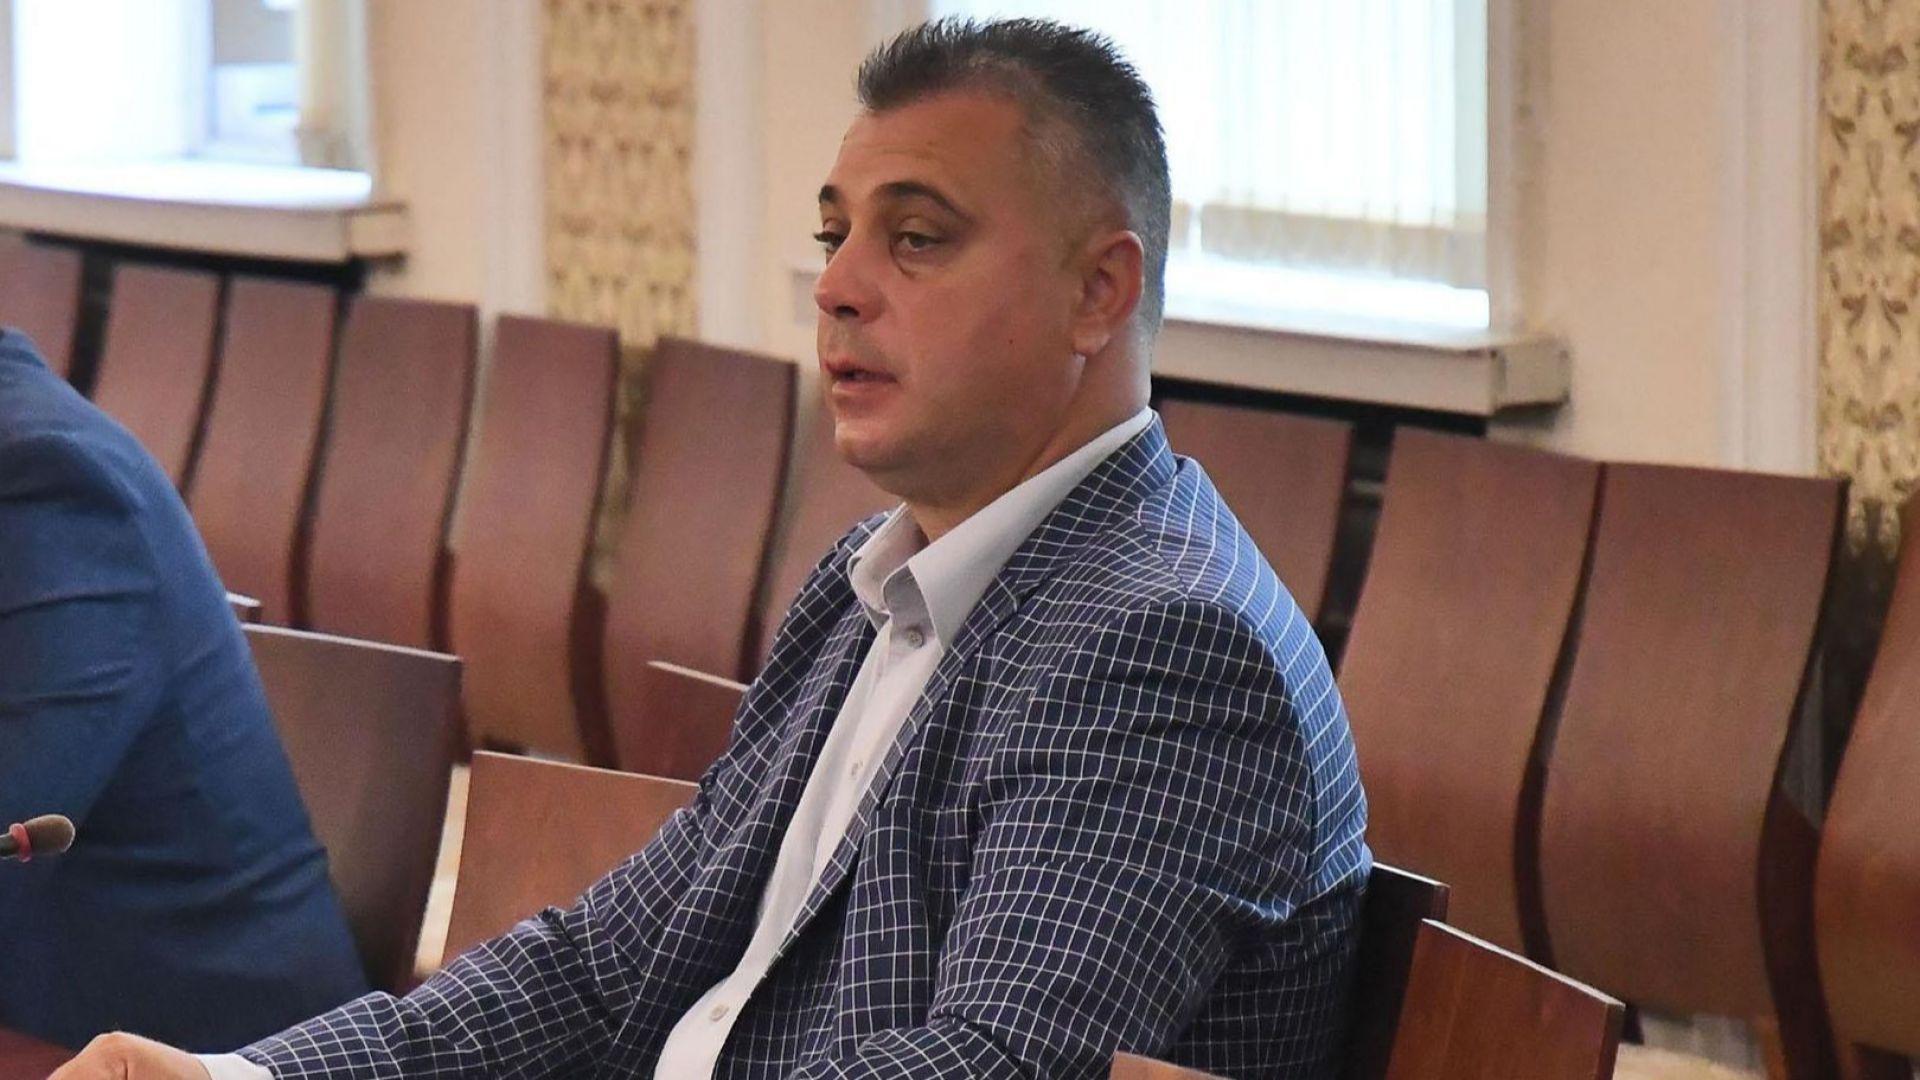 Юлиан Ангелов за датата на вота: Президентът да се допита до здравни експерти